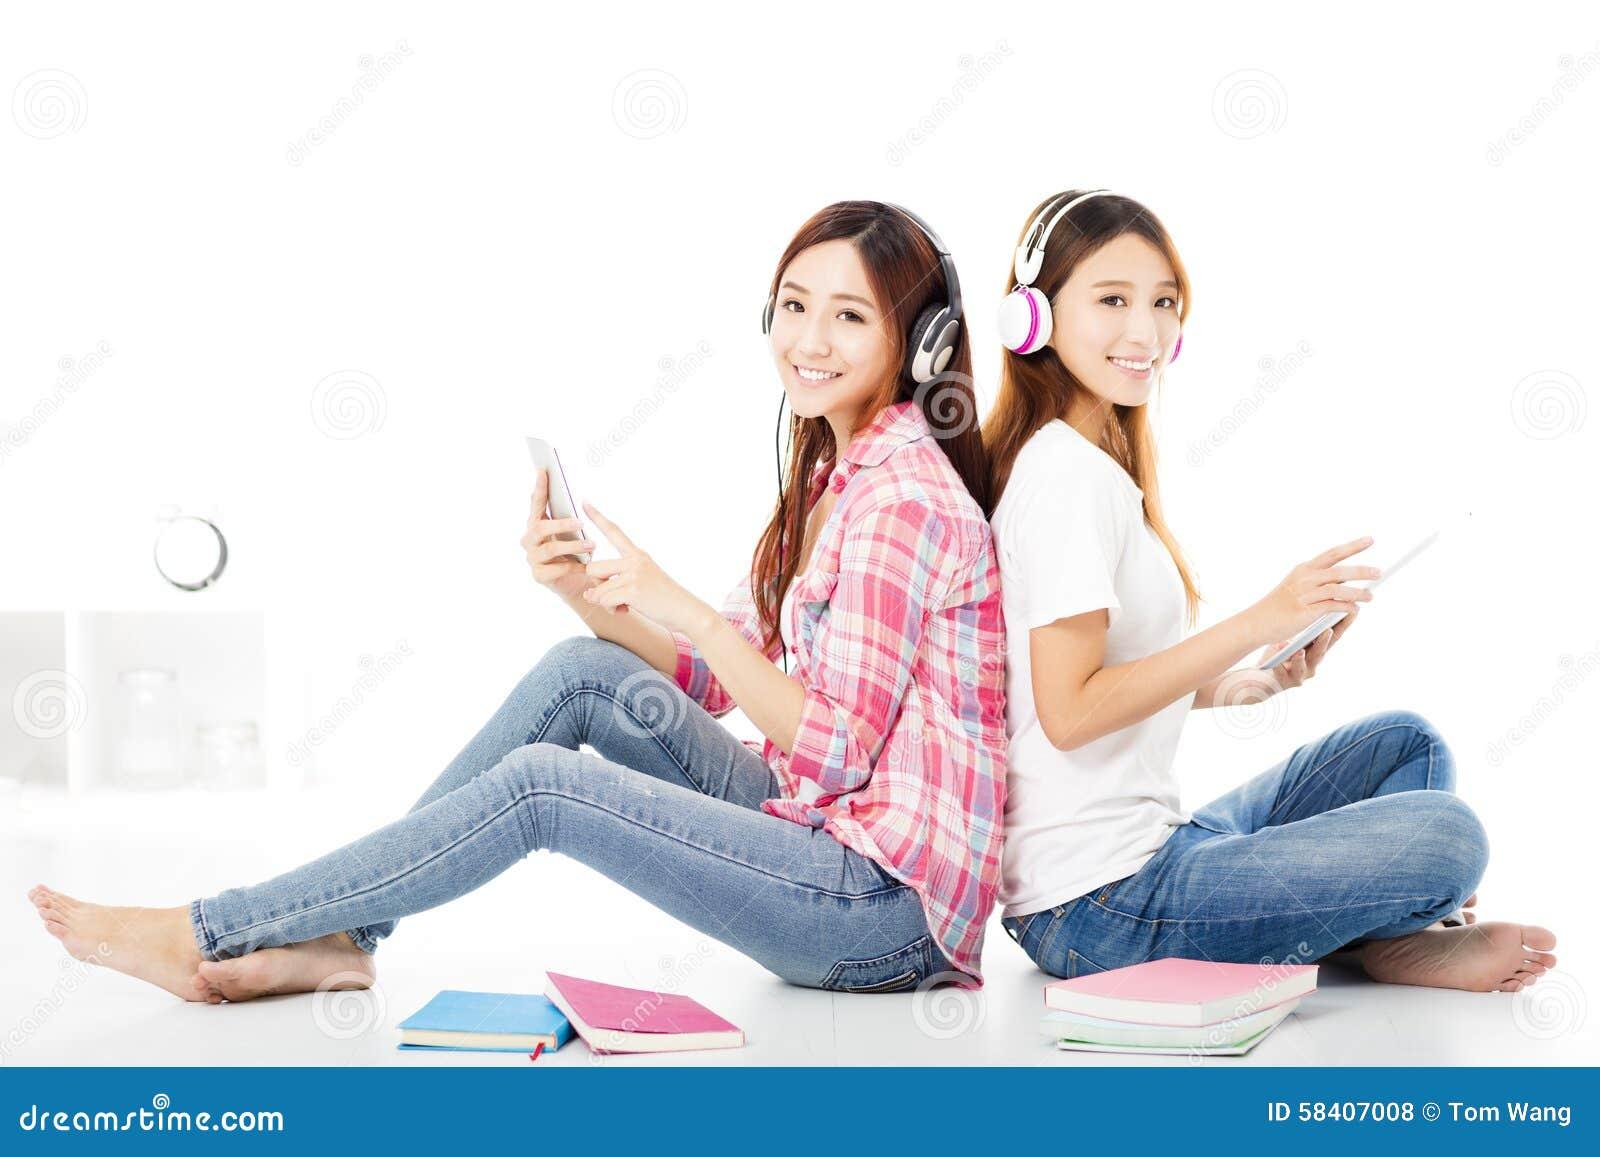 Gelukkige tienerstudentenmeisjes die op de vloer zitten